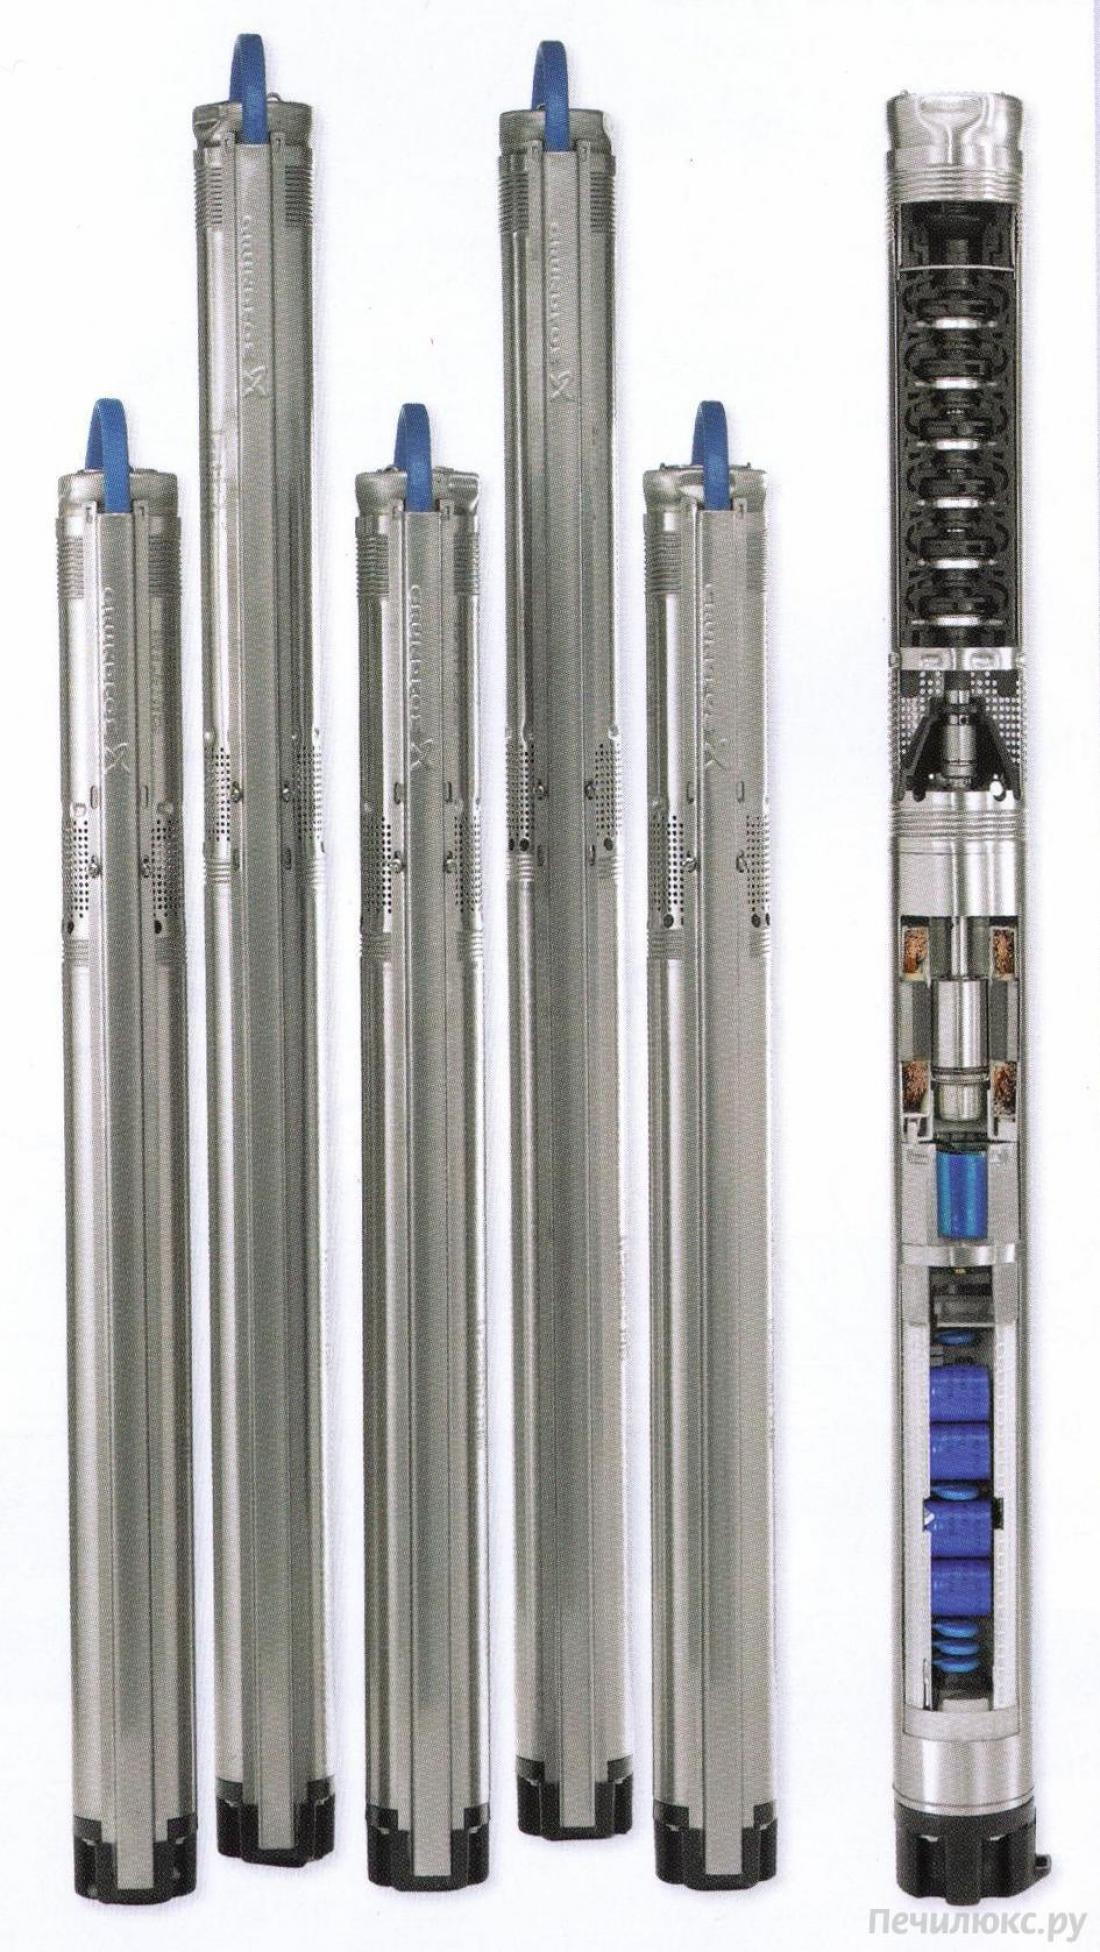 SQ  3- 55     1.15kW 200-240V 50/60Hz